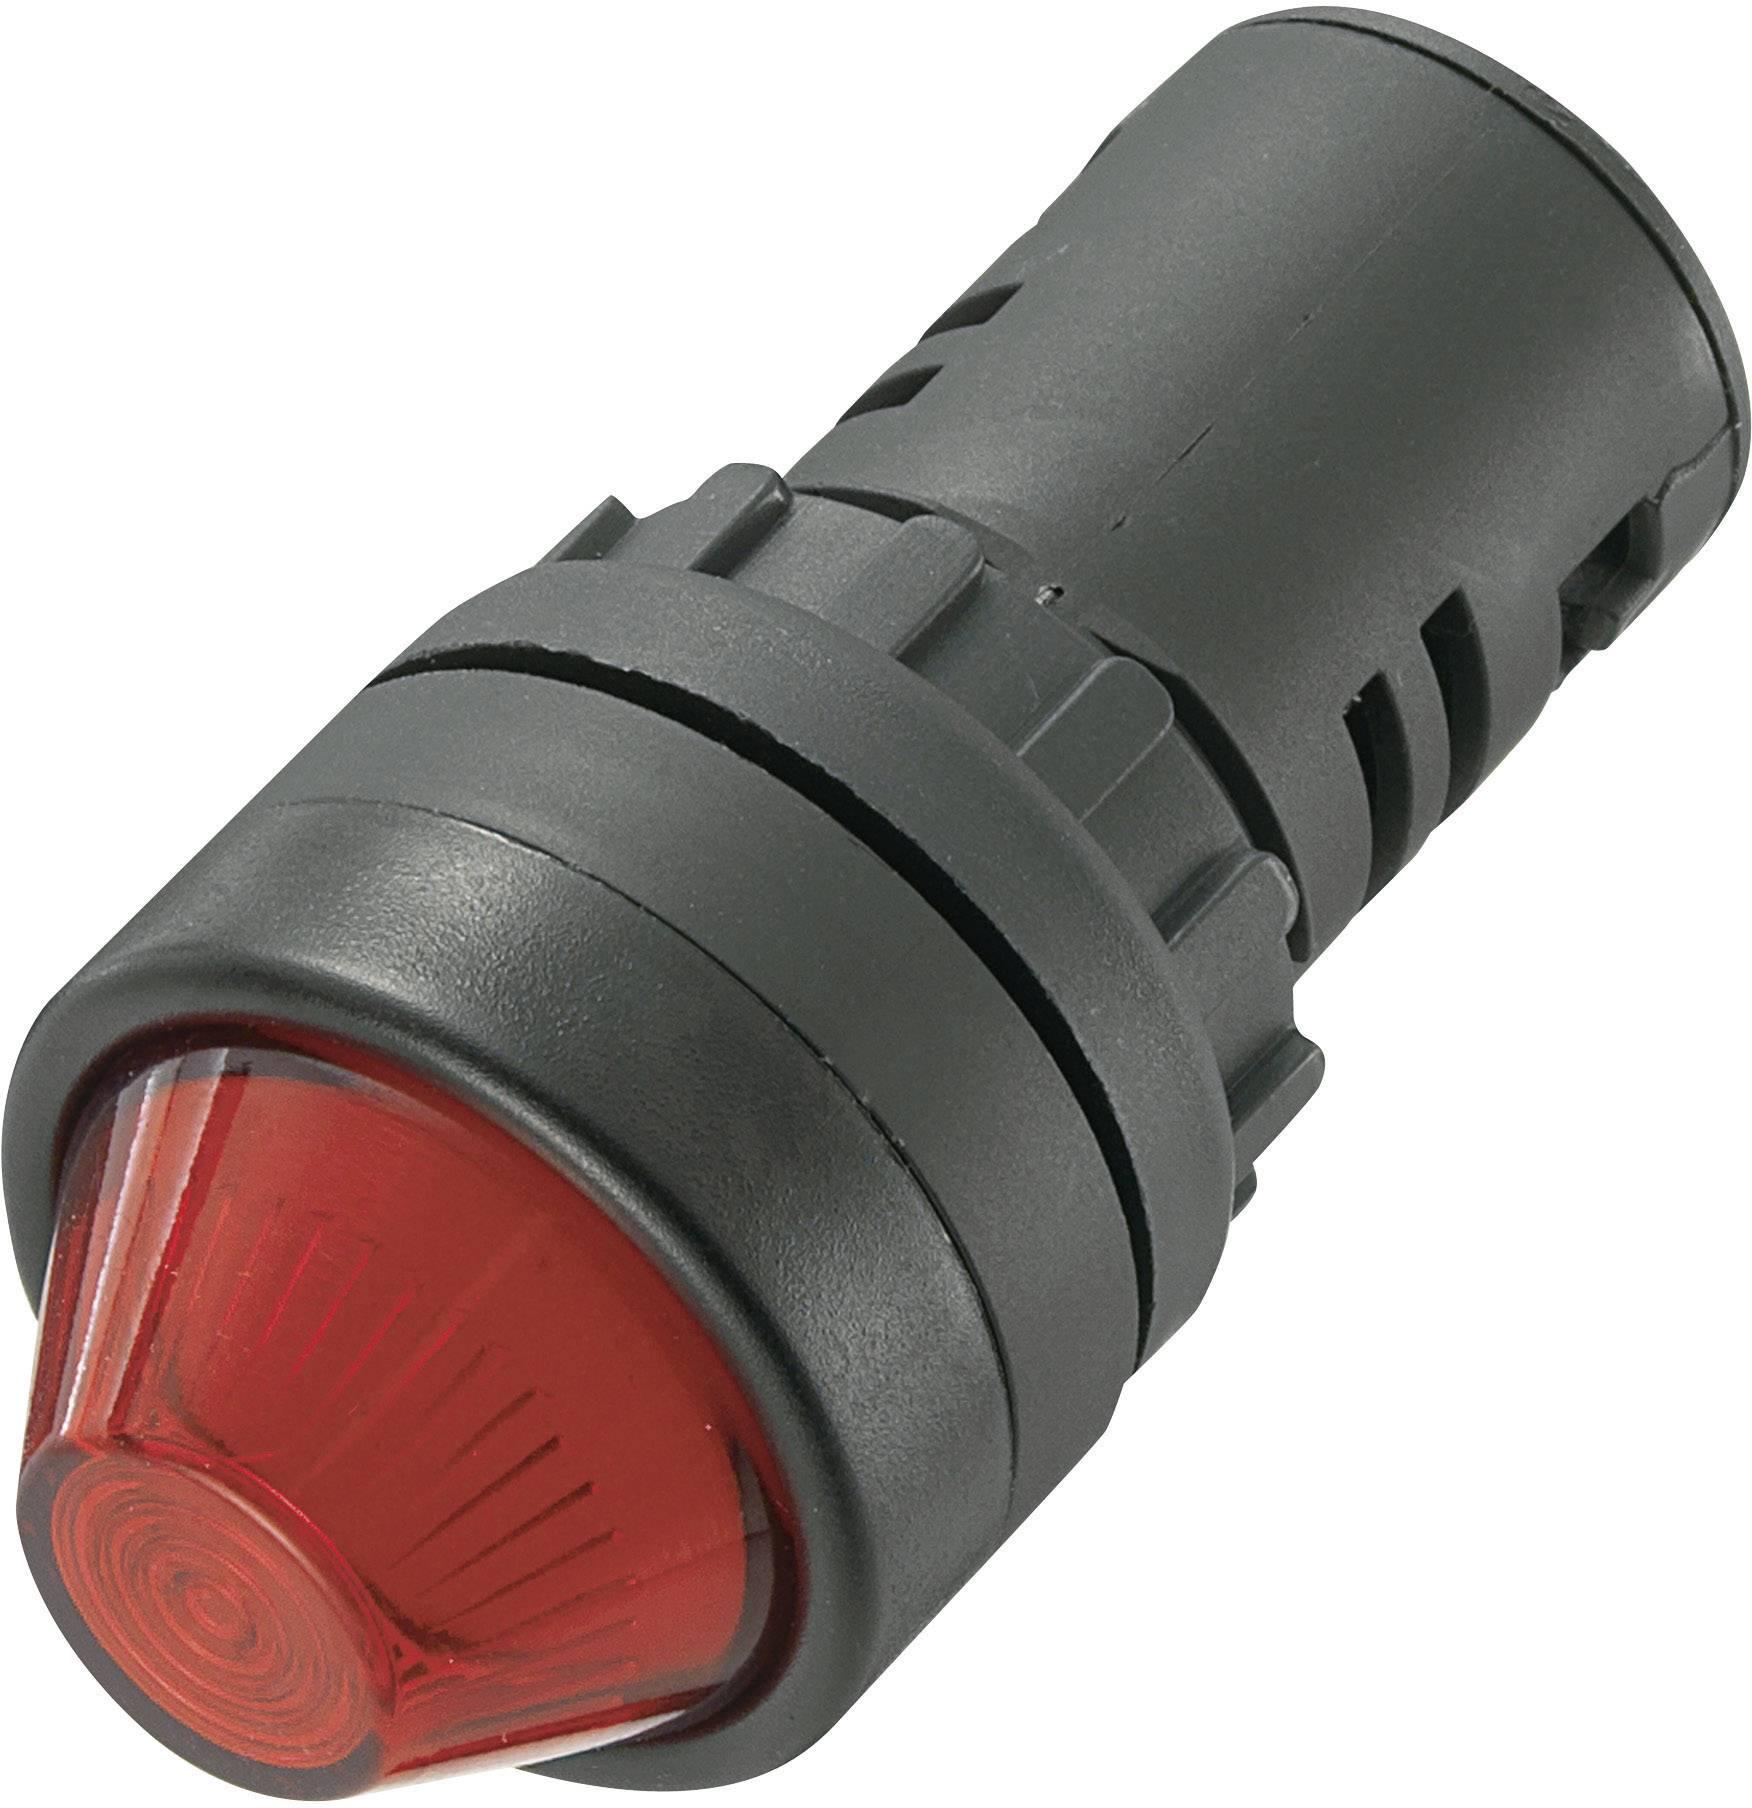 LED signálka AD16-22HS/230V/R, 230 V/AC, červená